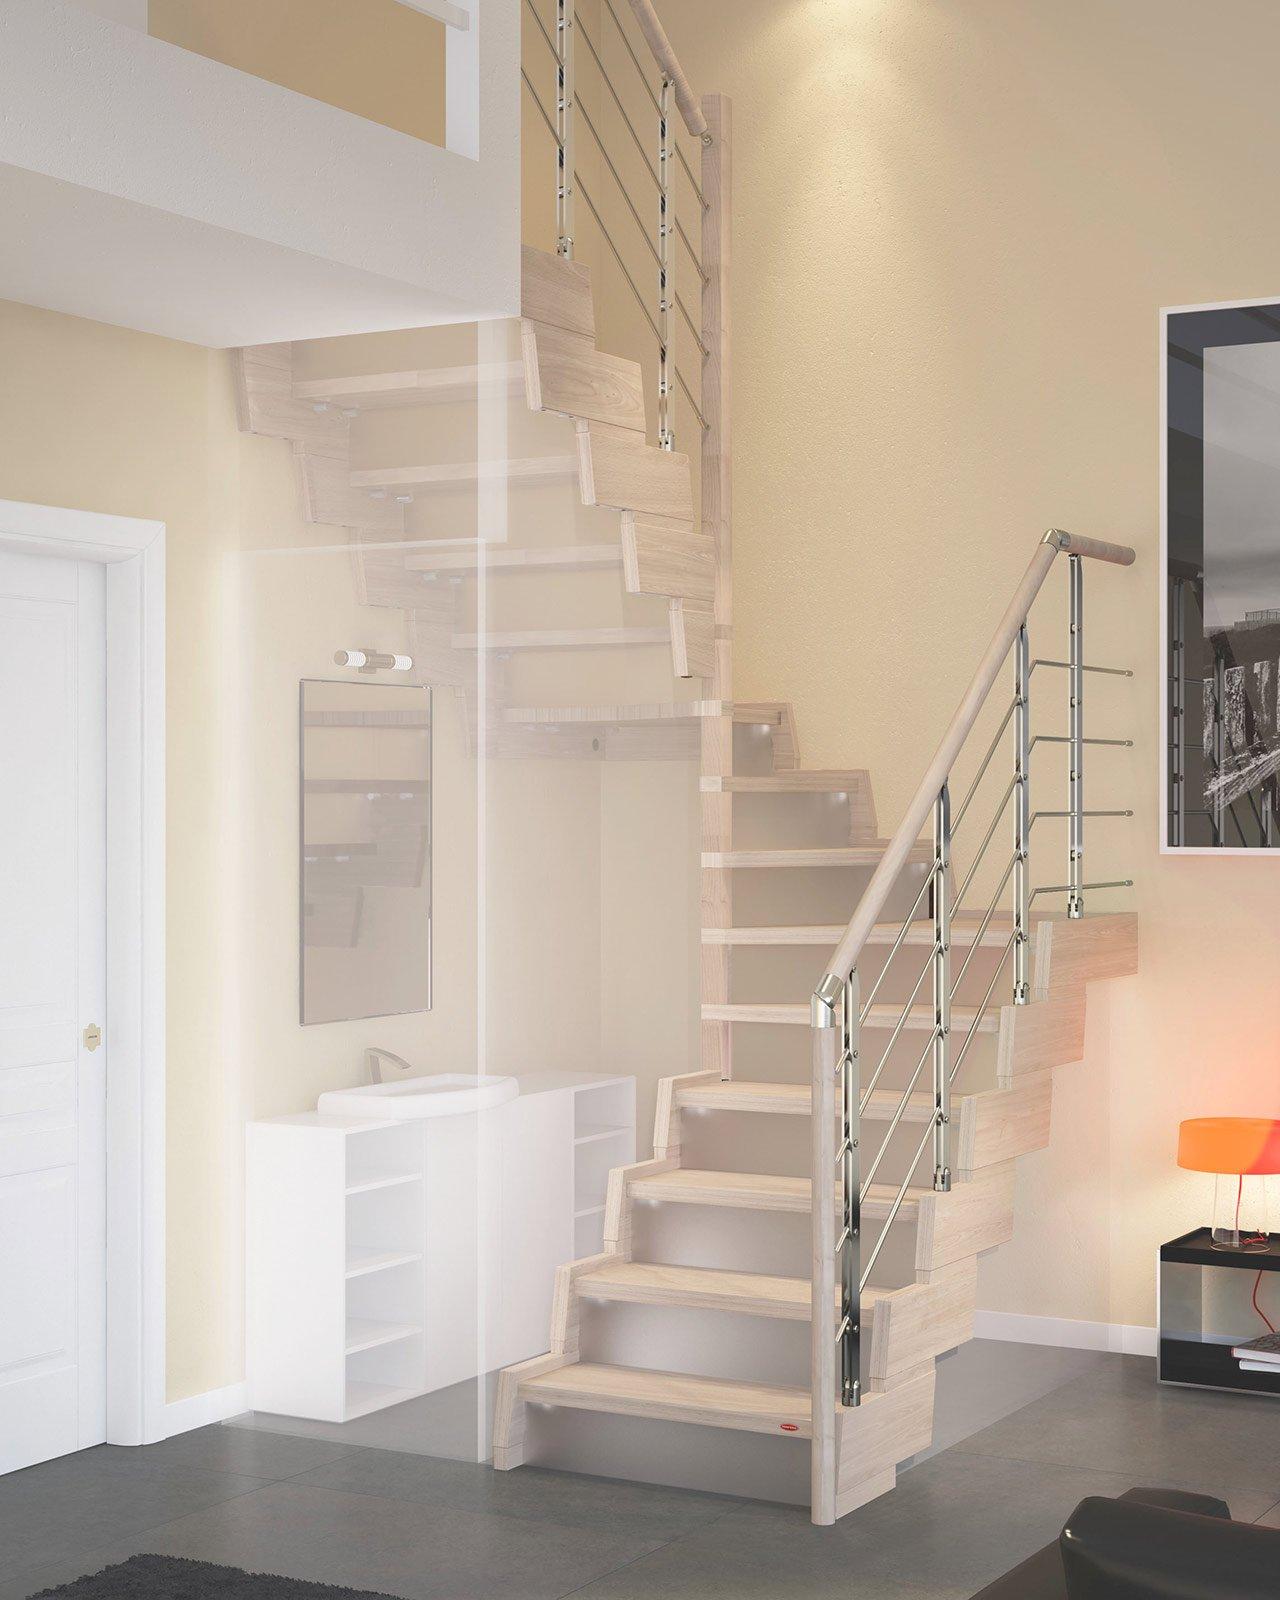 Ristrutturazione dalla porta alla scala soluzioni for Case moderne poco costose